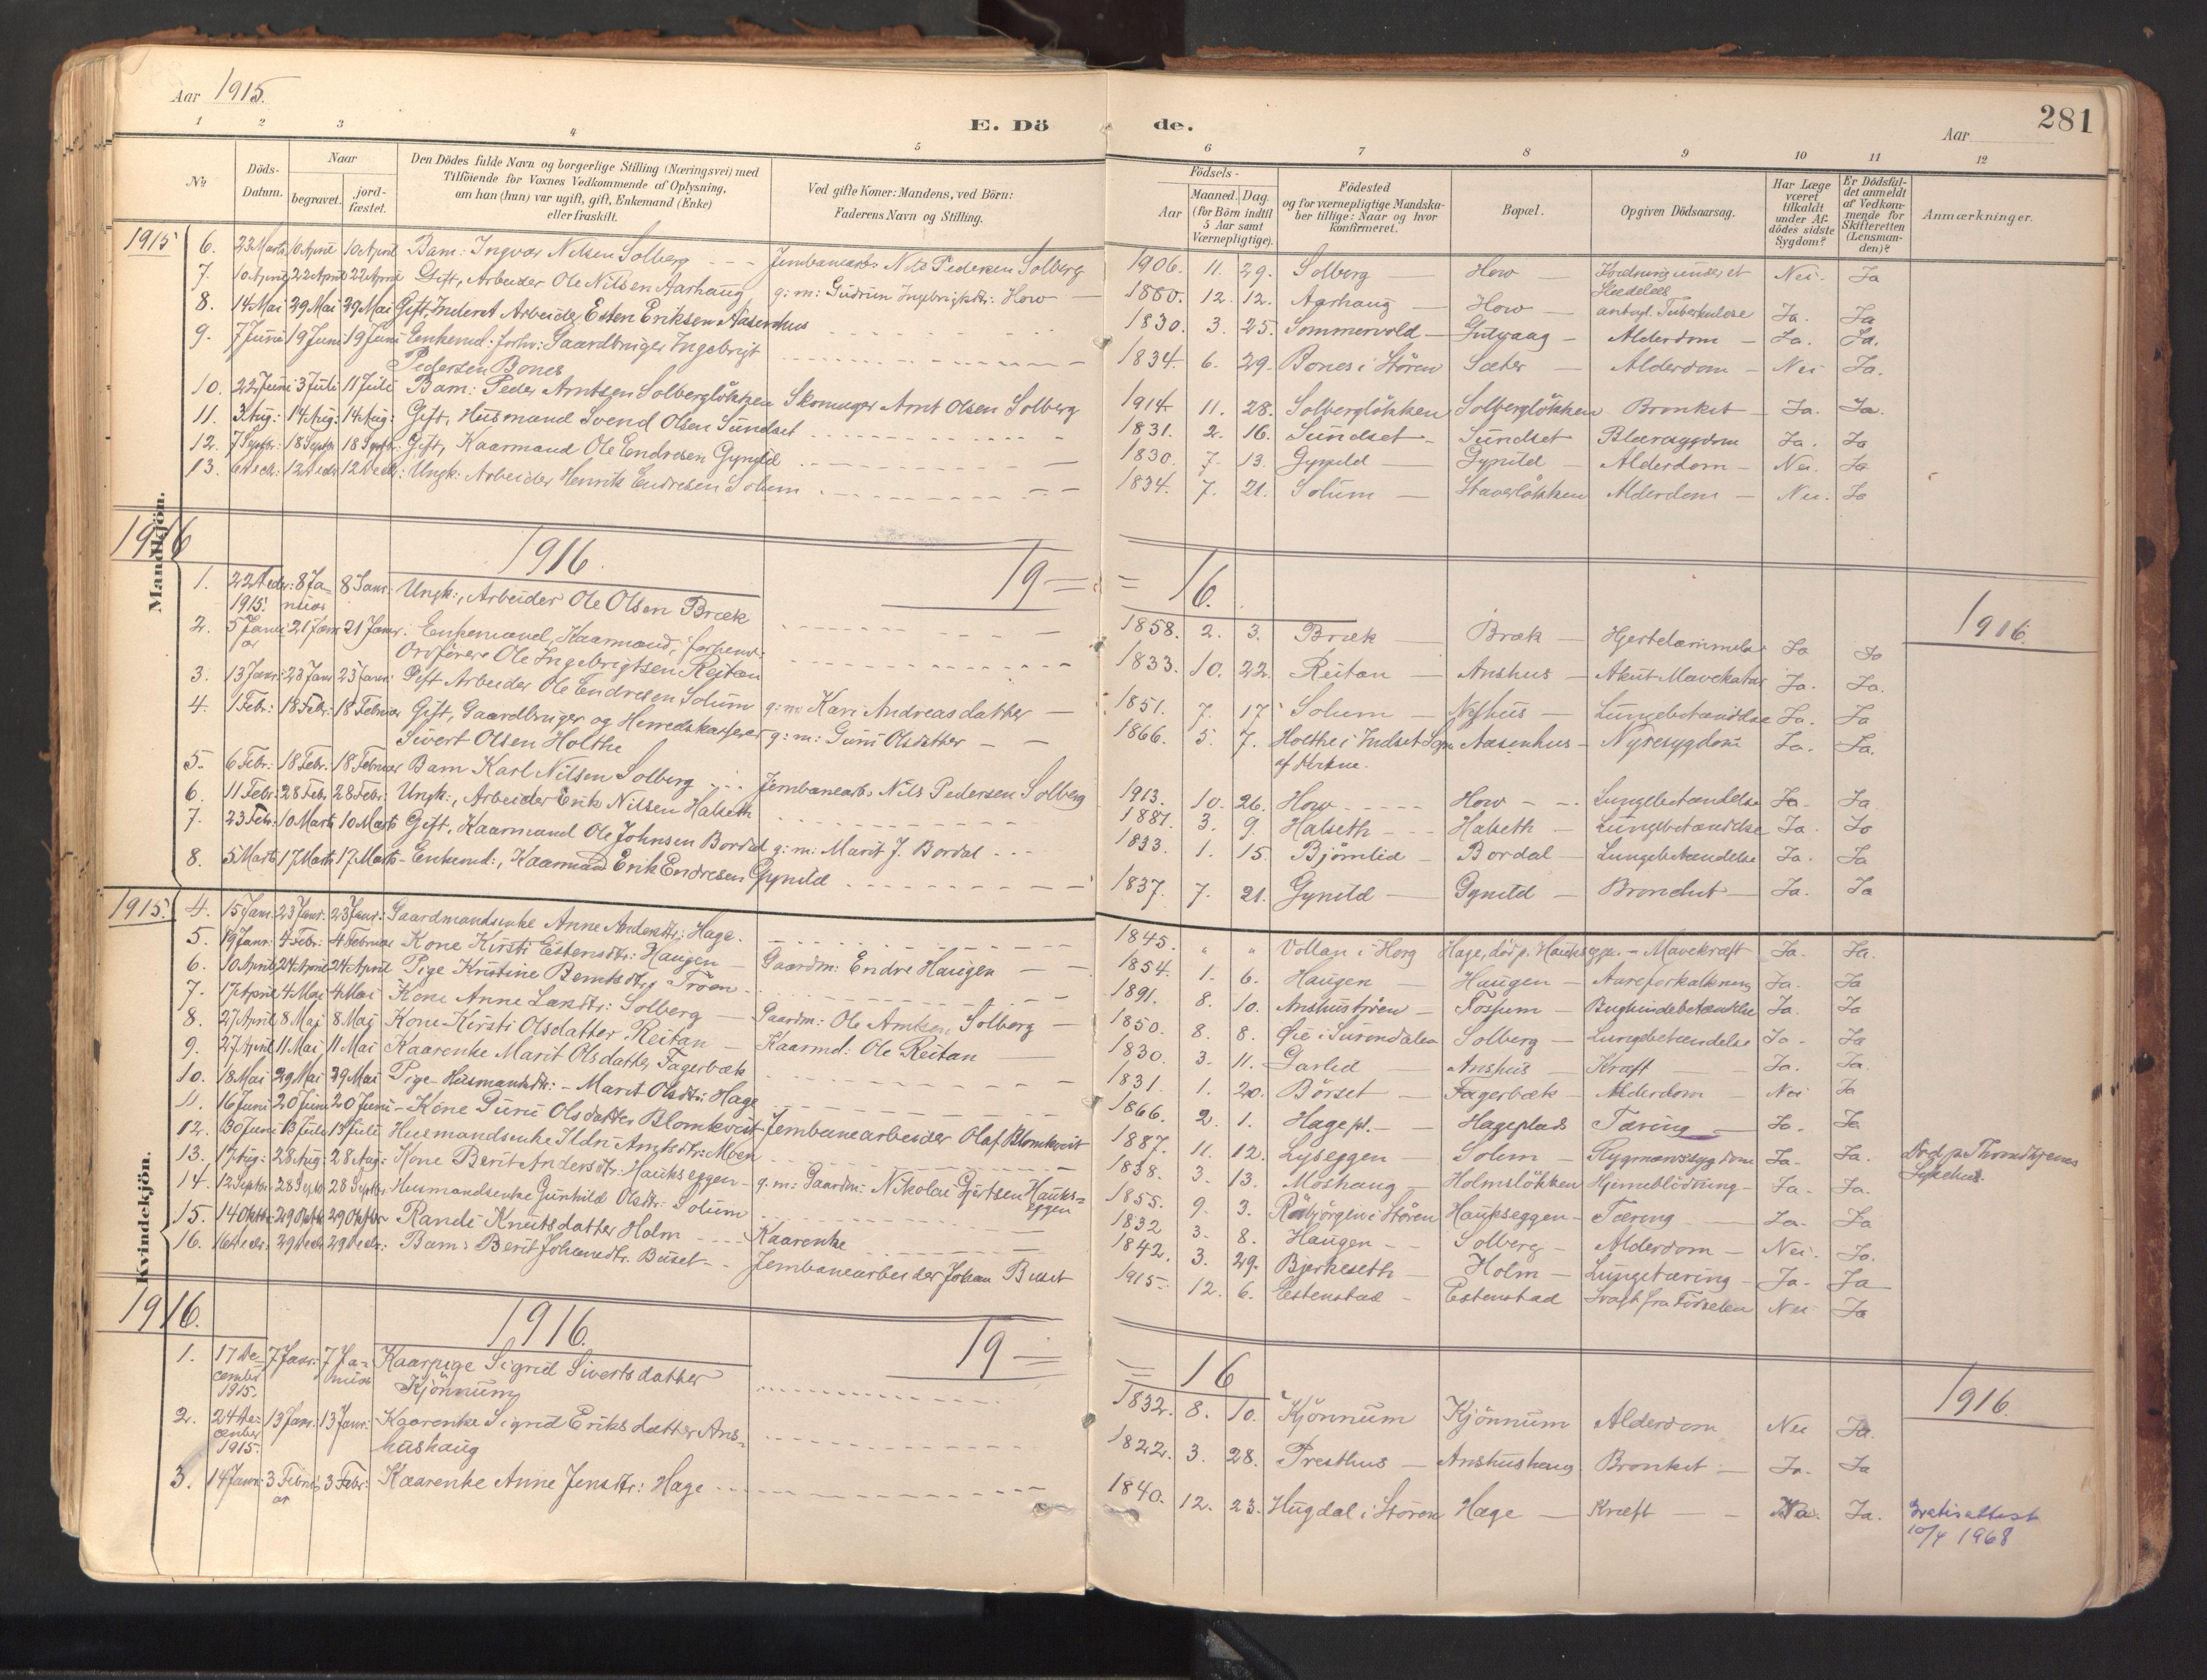 SAT, Ministerialprotokoller, klokkerbøker og fødselsregistre - Sør-Trøndelag, 689/L1041: Ministerialbok nr. 689A06, 1891-1923, s. 281